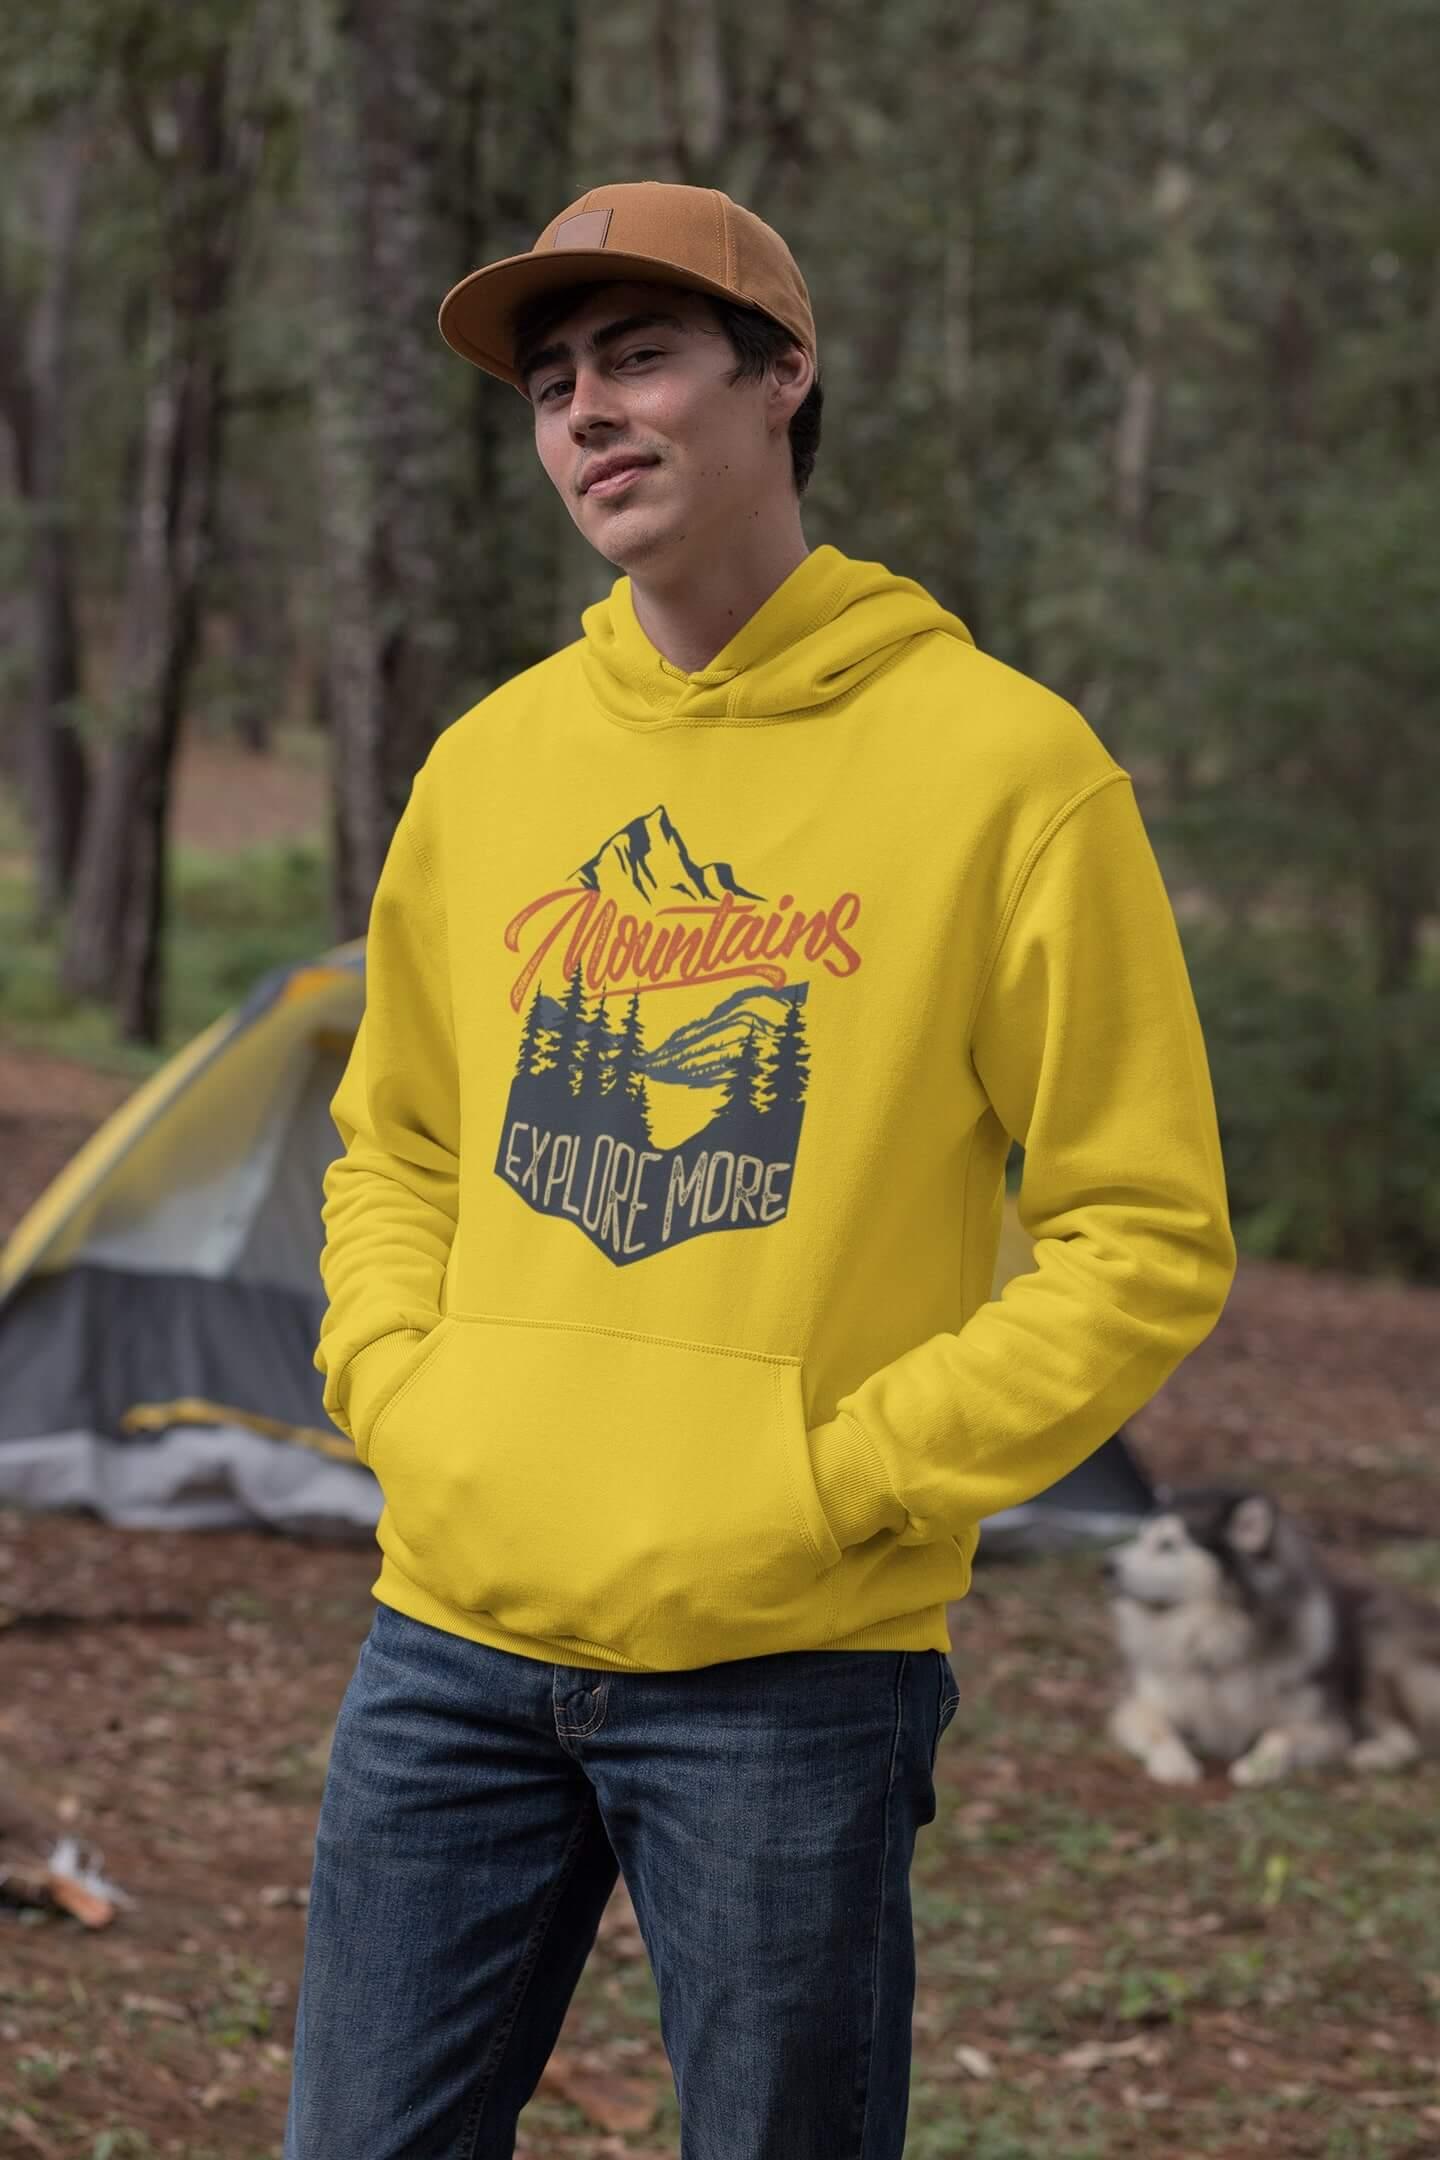 MMO Pánska mikina s kapucňou Mountains Vyberte farbu: Žltá, Vyberte veľkosť: M